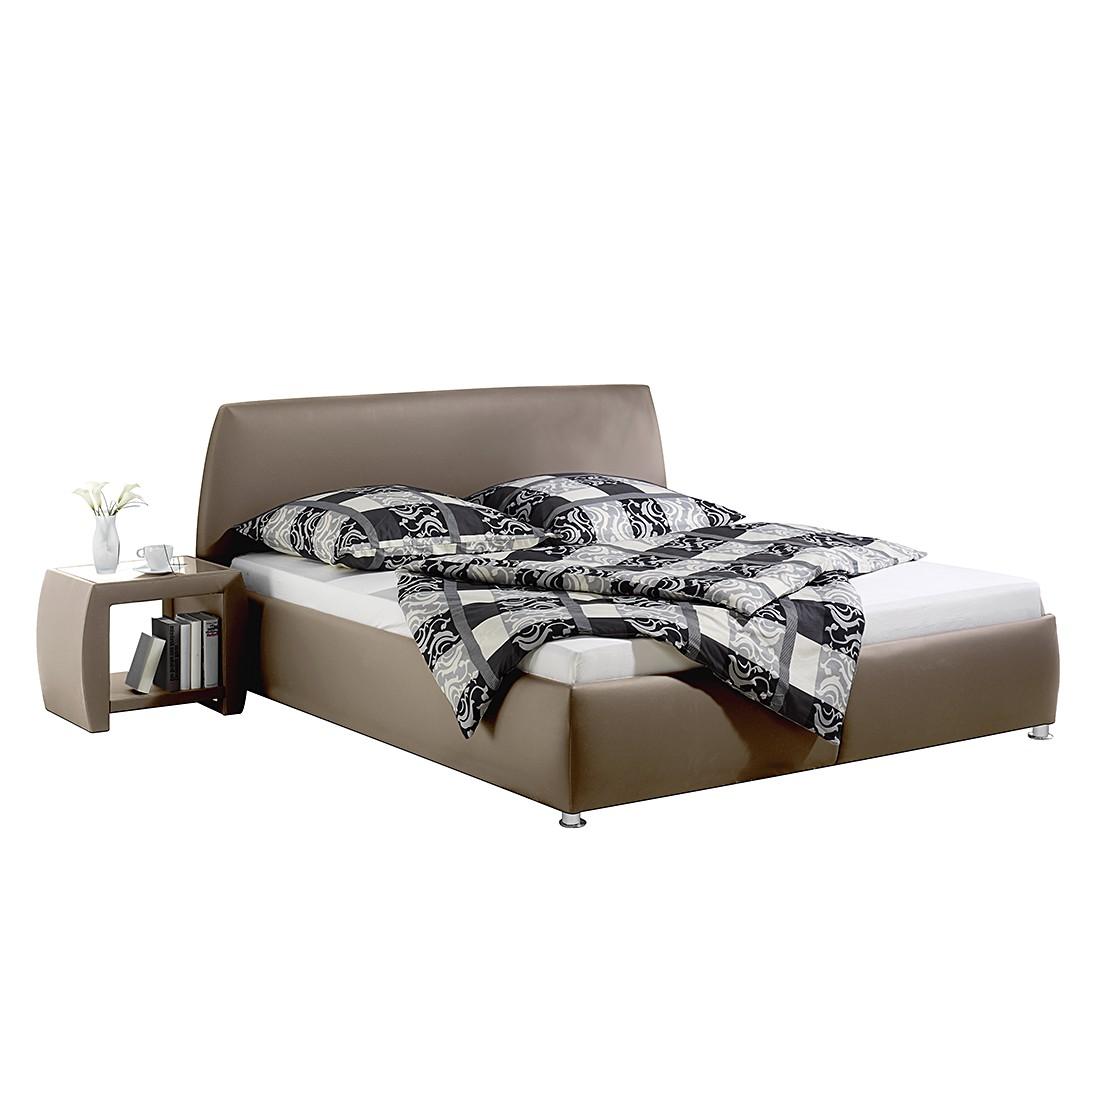 m bel g nstig online bestellen. Black Bedroom Furniture Sets. Home Design Ideas